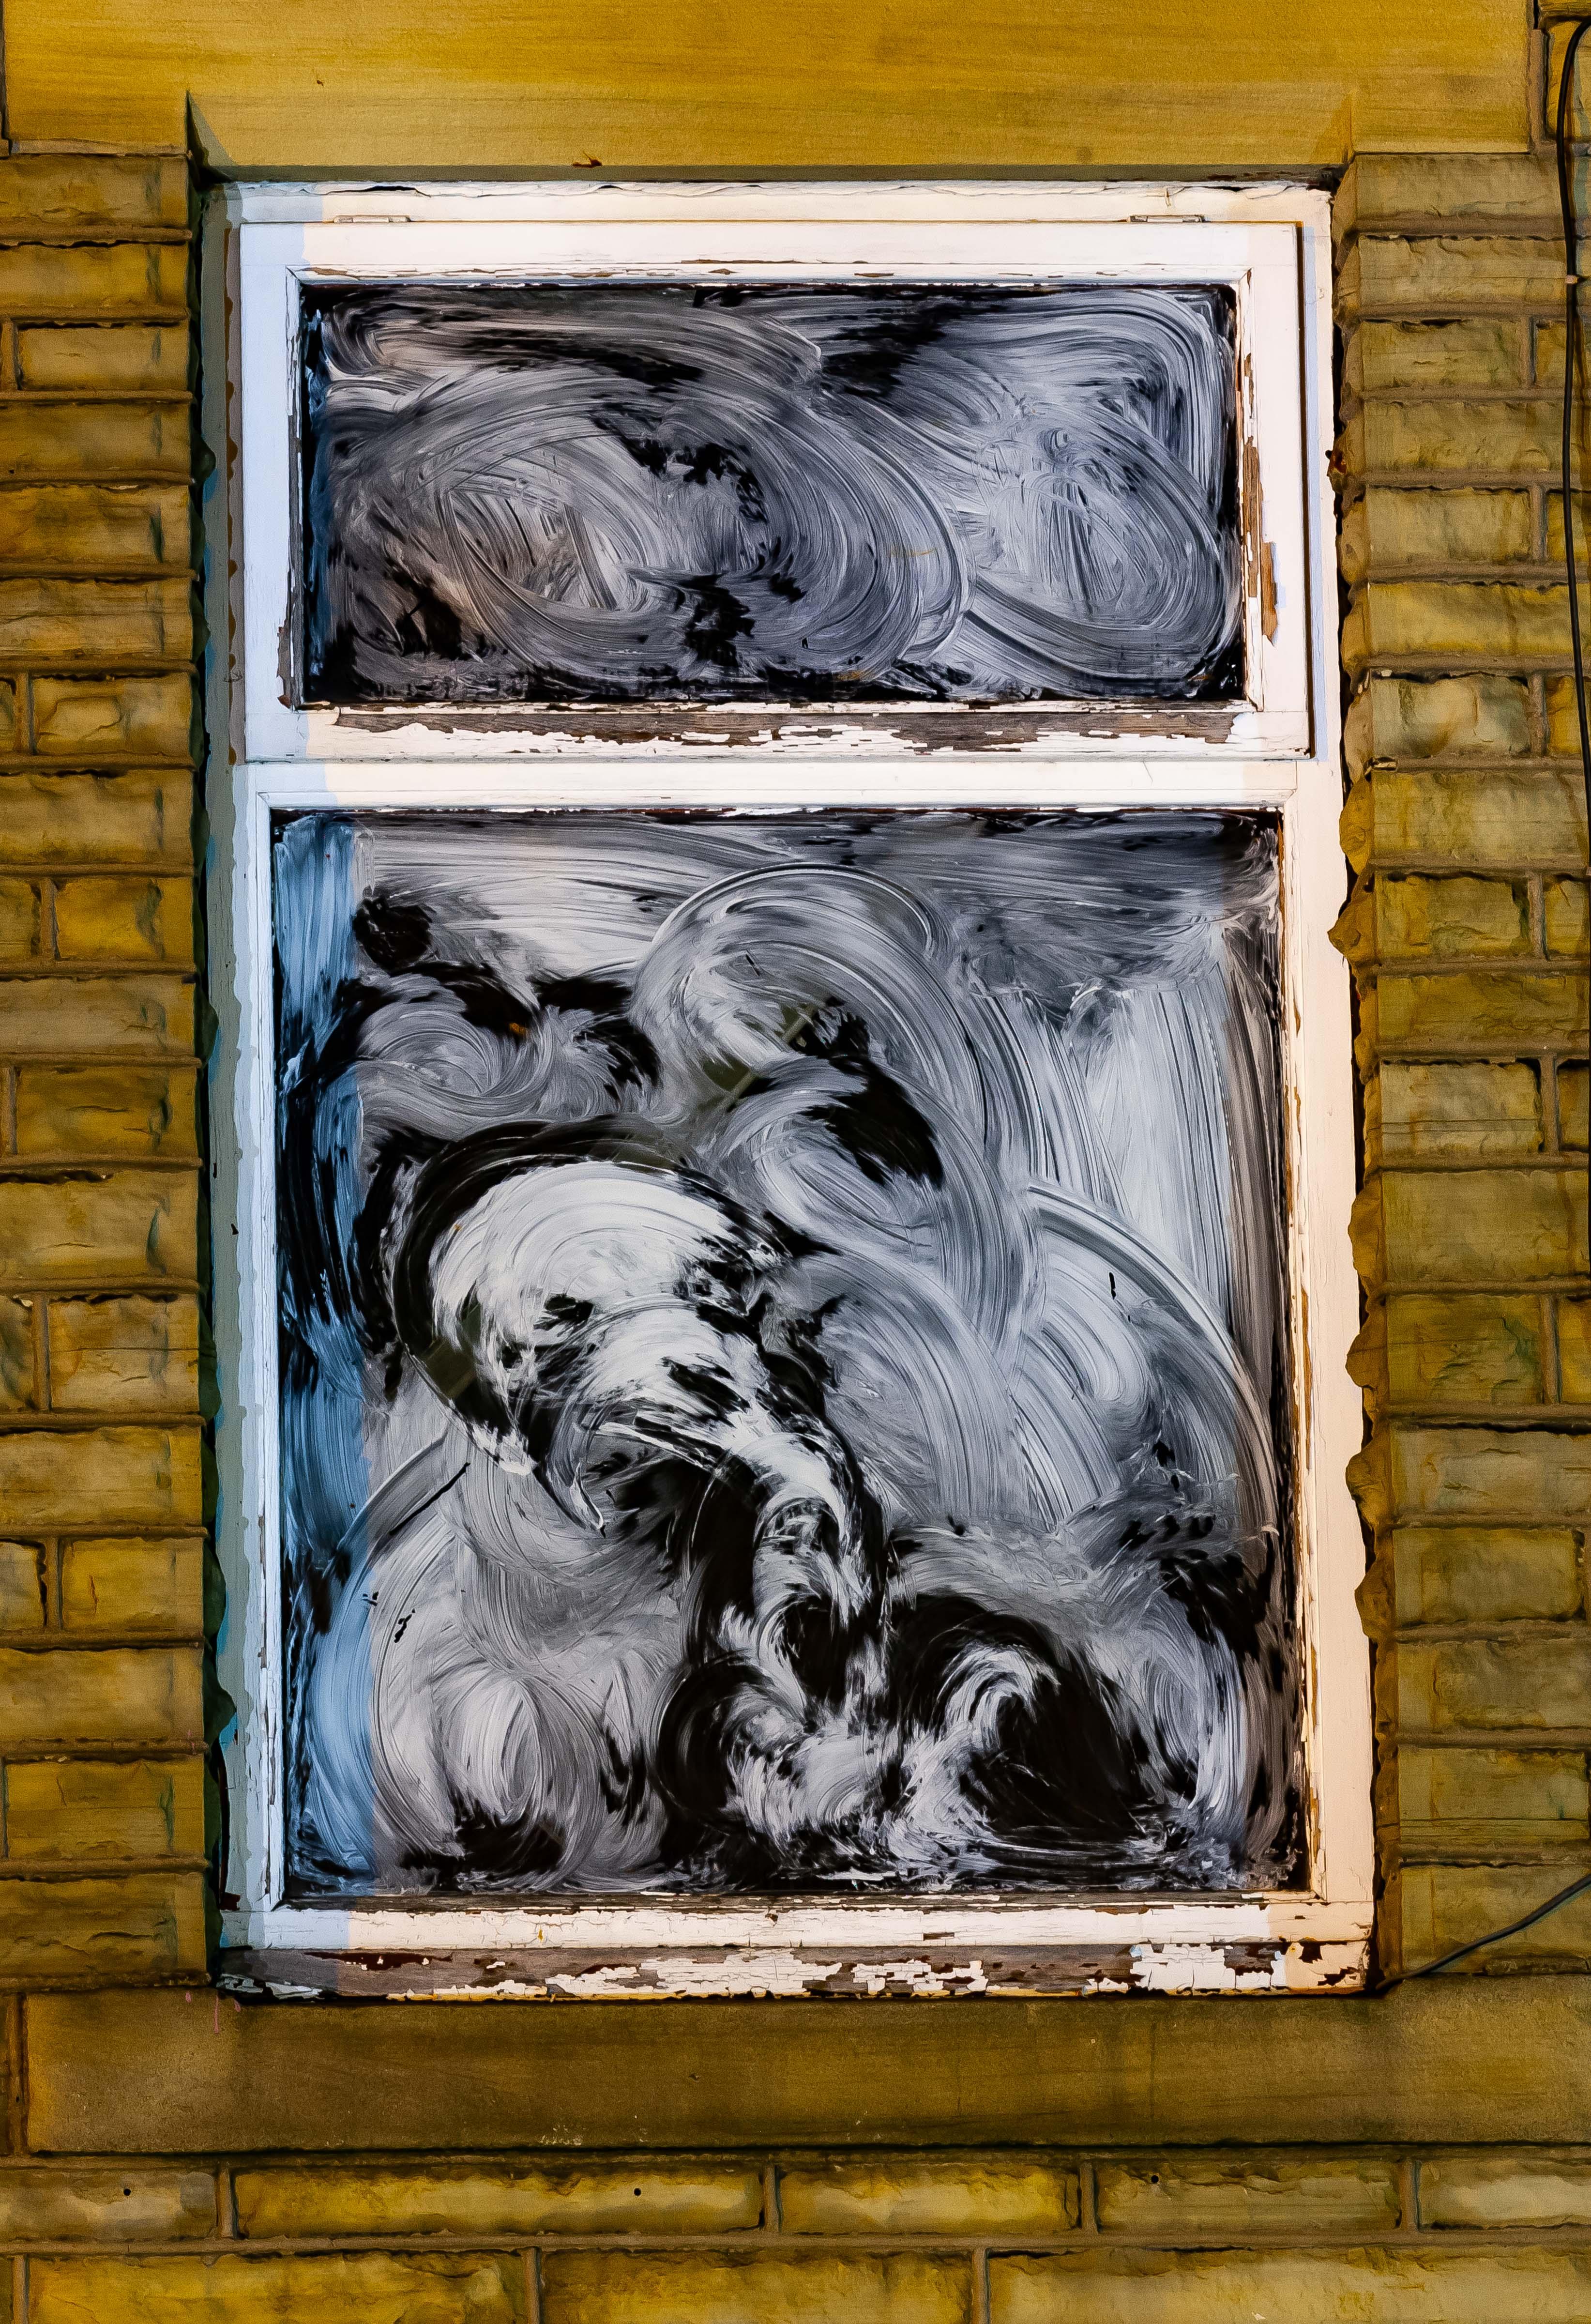 UK, Oldham Prov, Whitewashed Window, 2009, IMG 6899